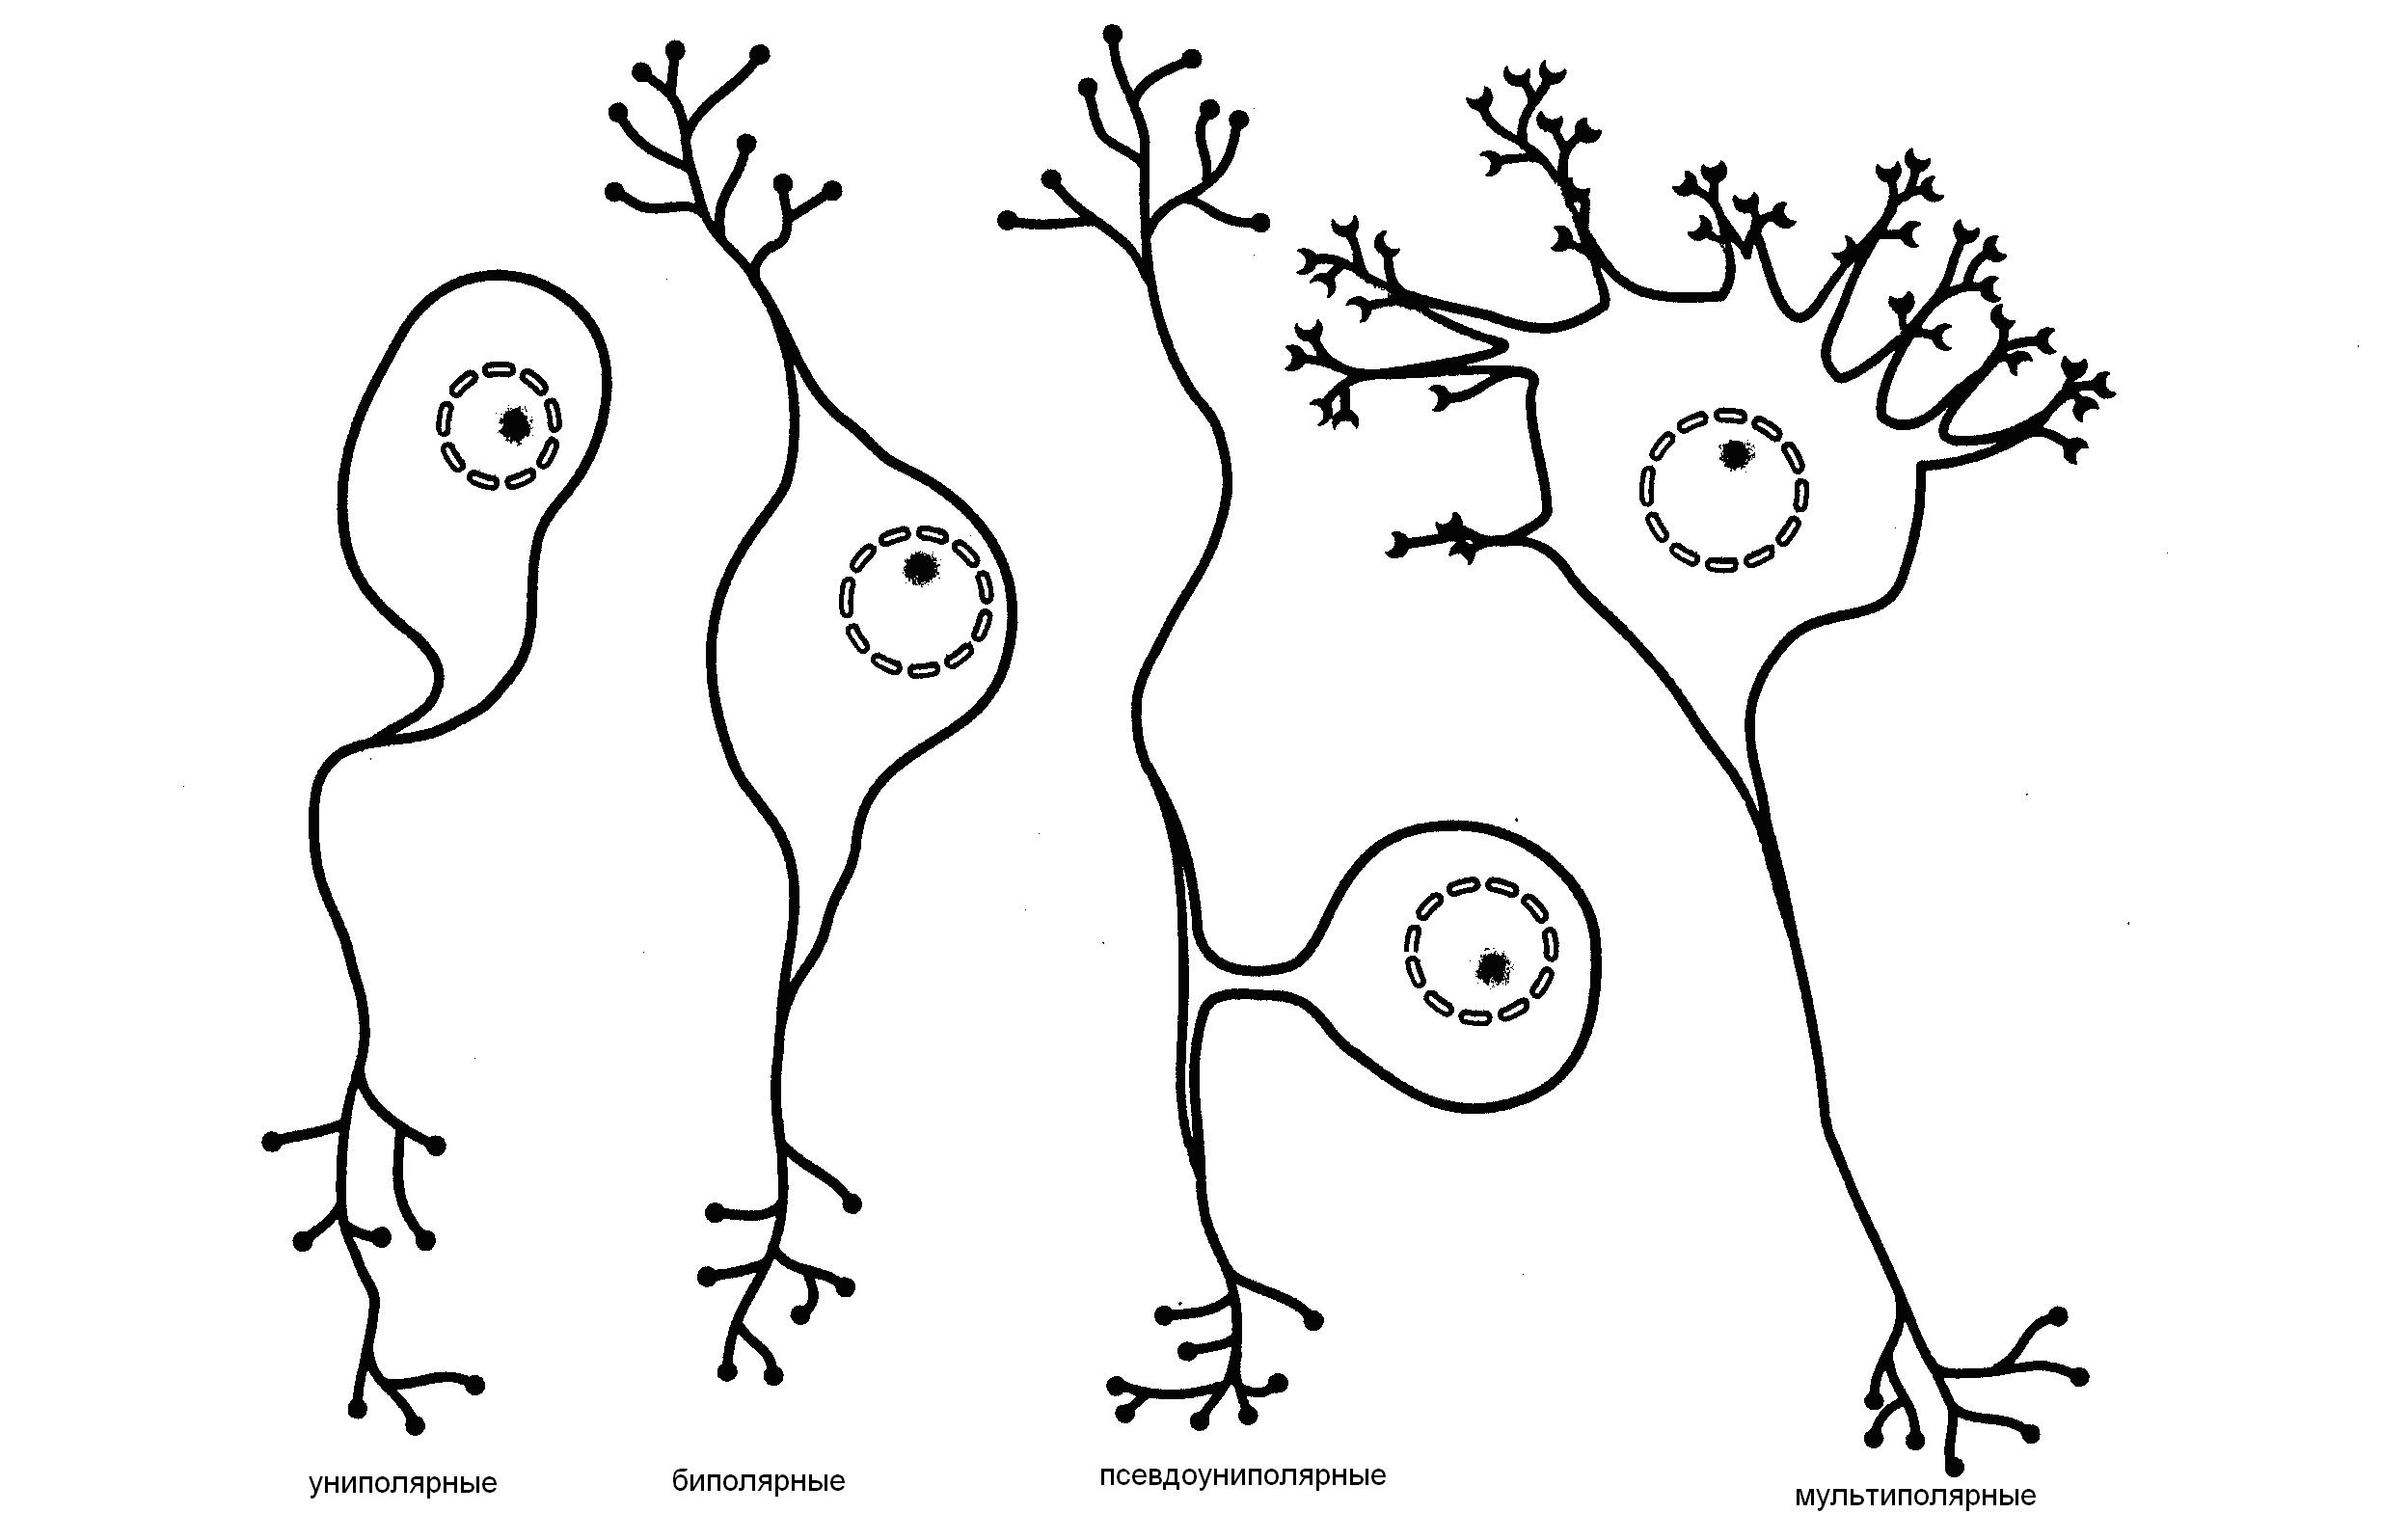 типы нейронов с картинками представлены